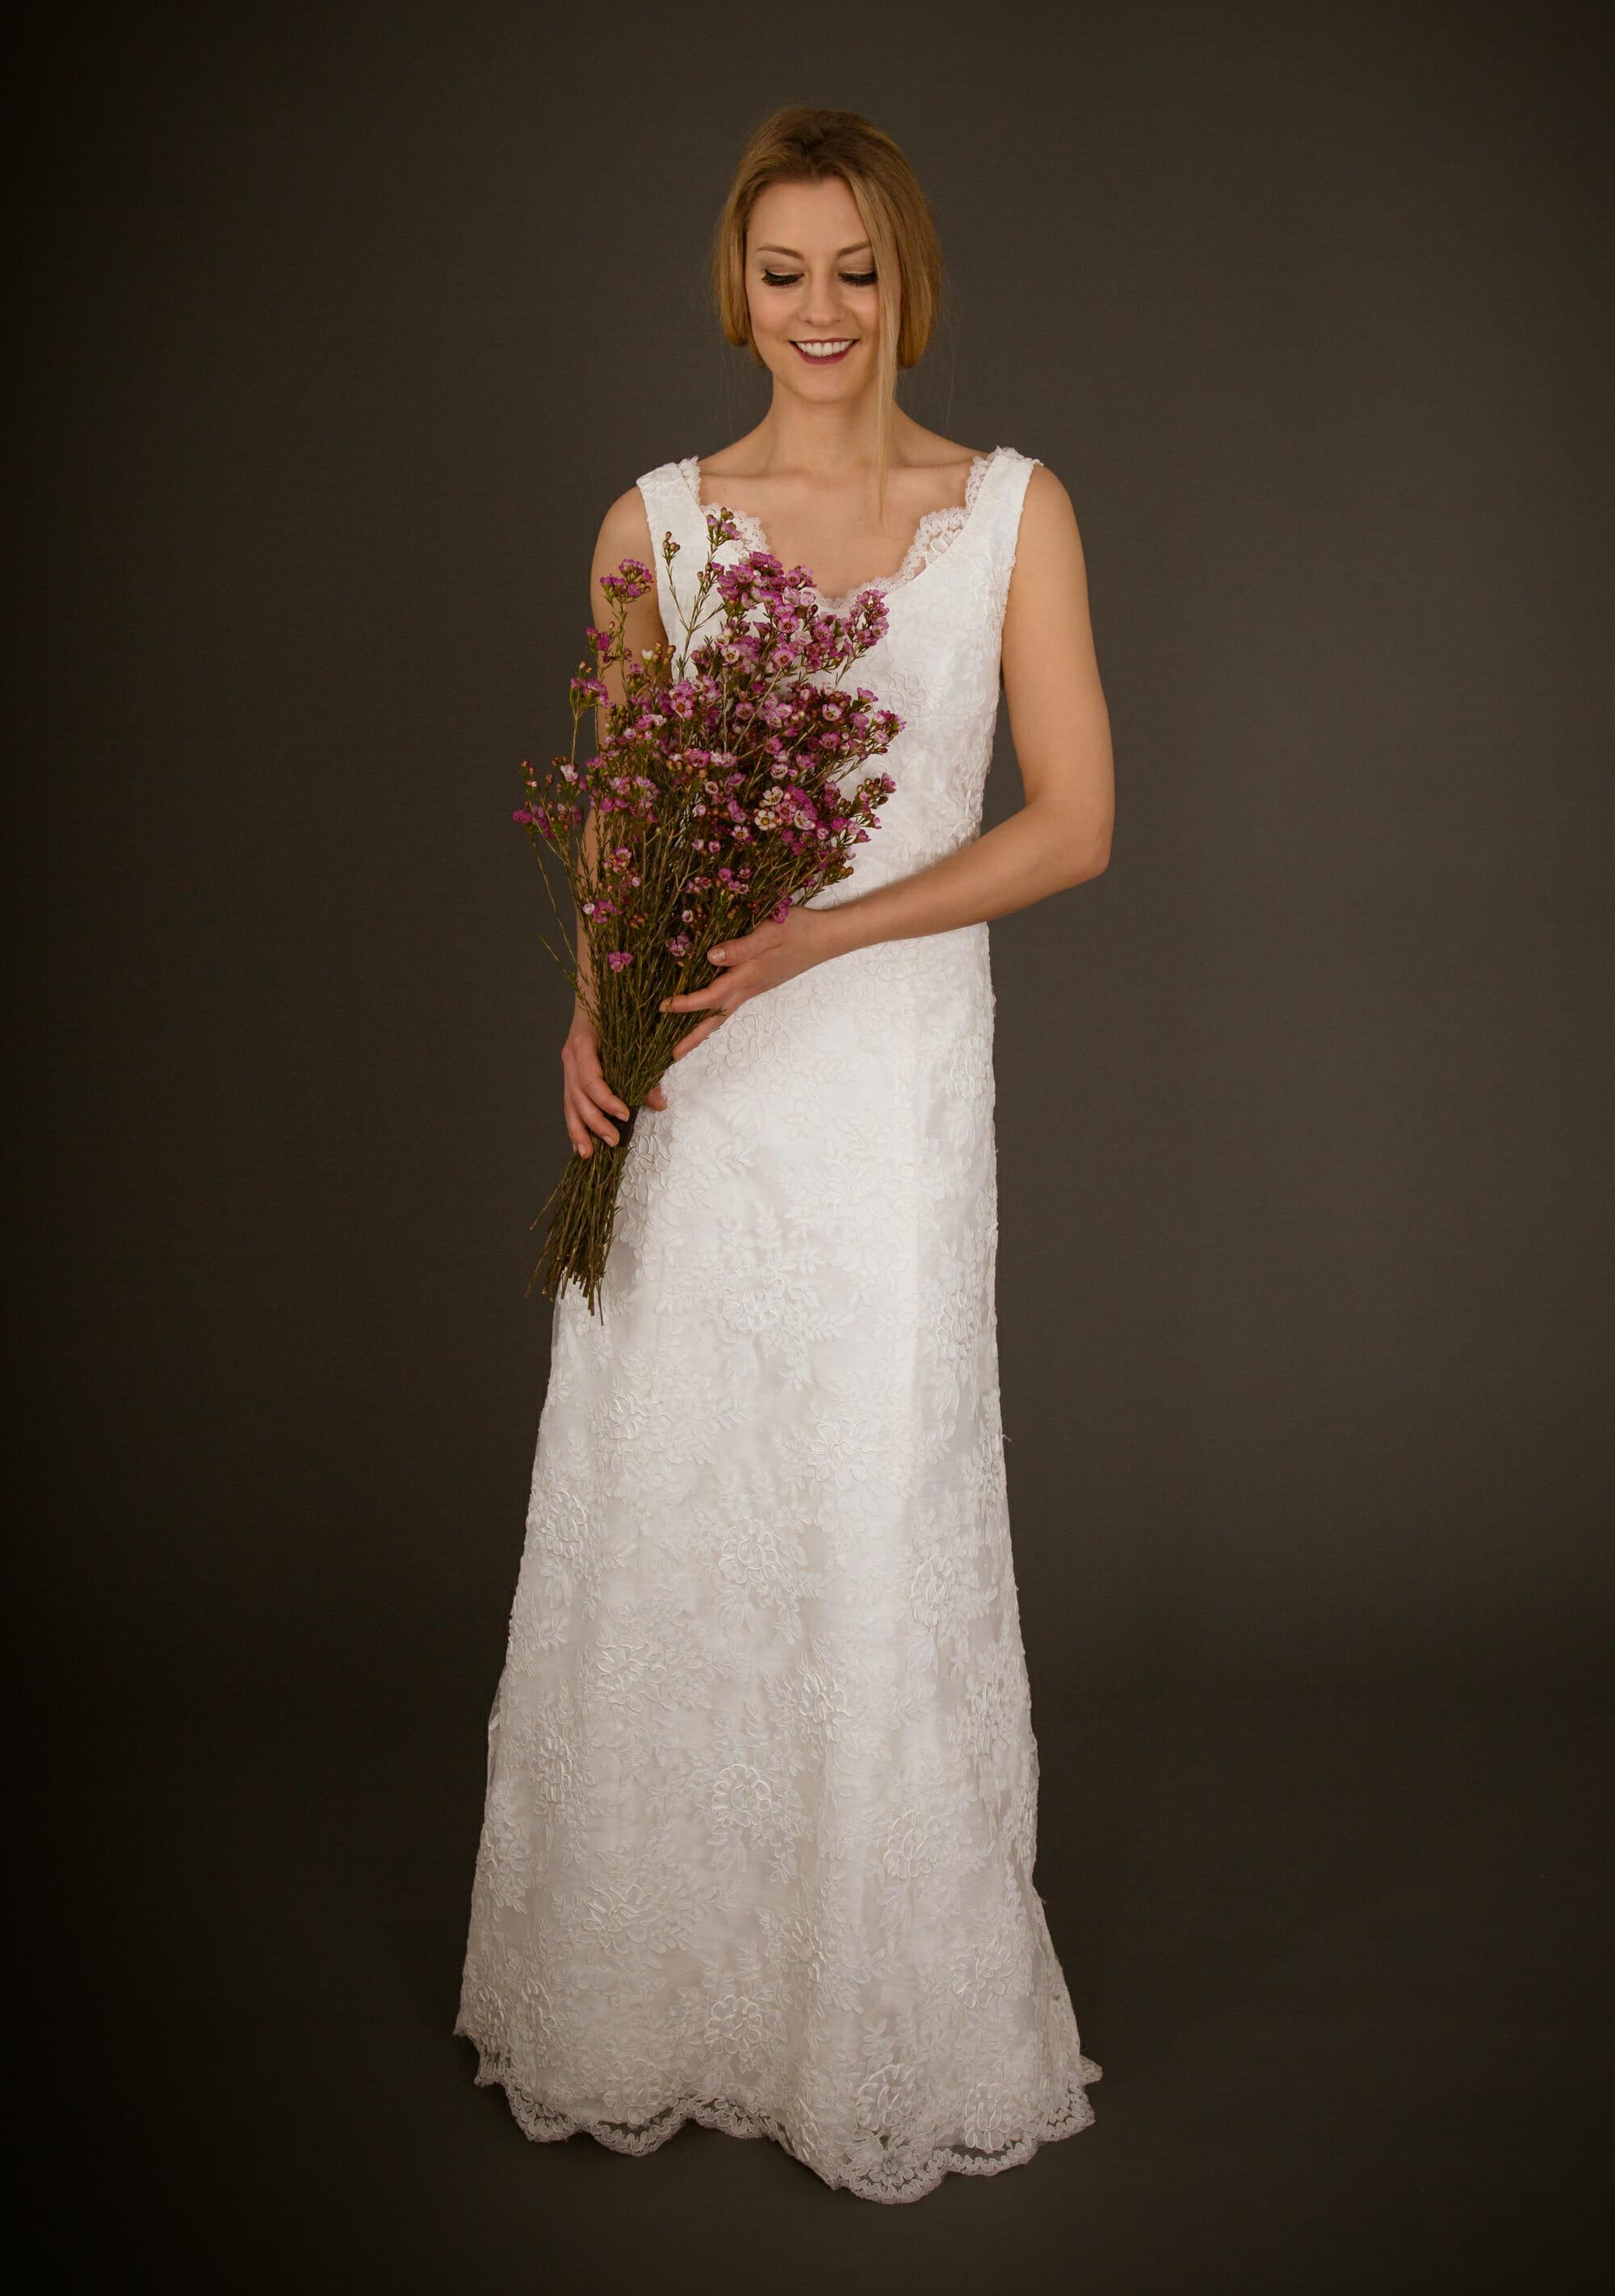 Brautkleid von ANNE WOLF. Modell Svea.